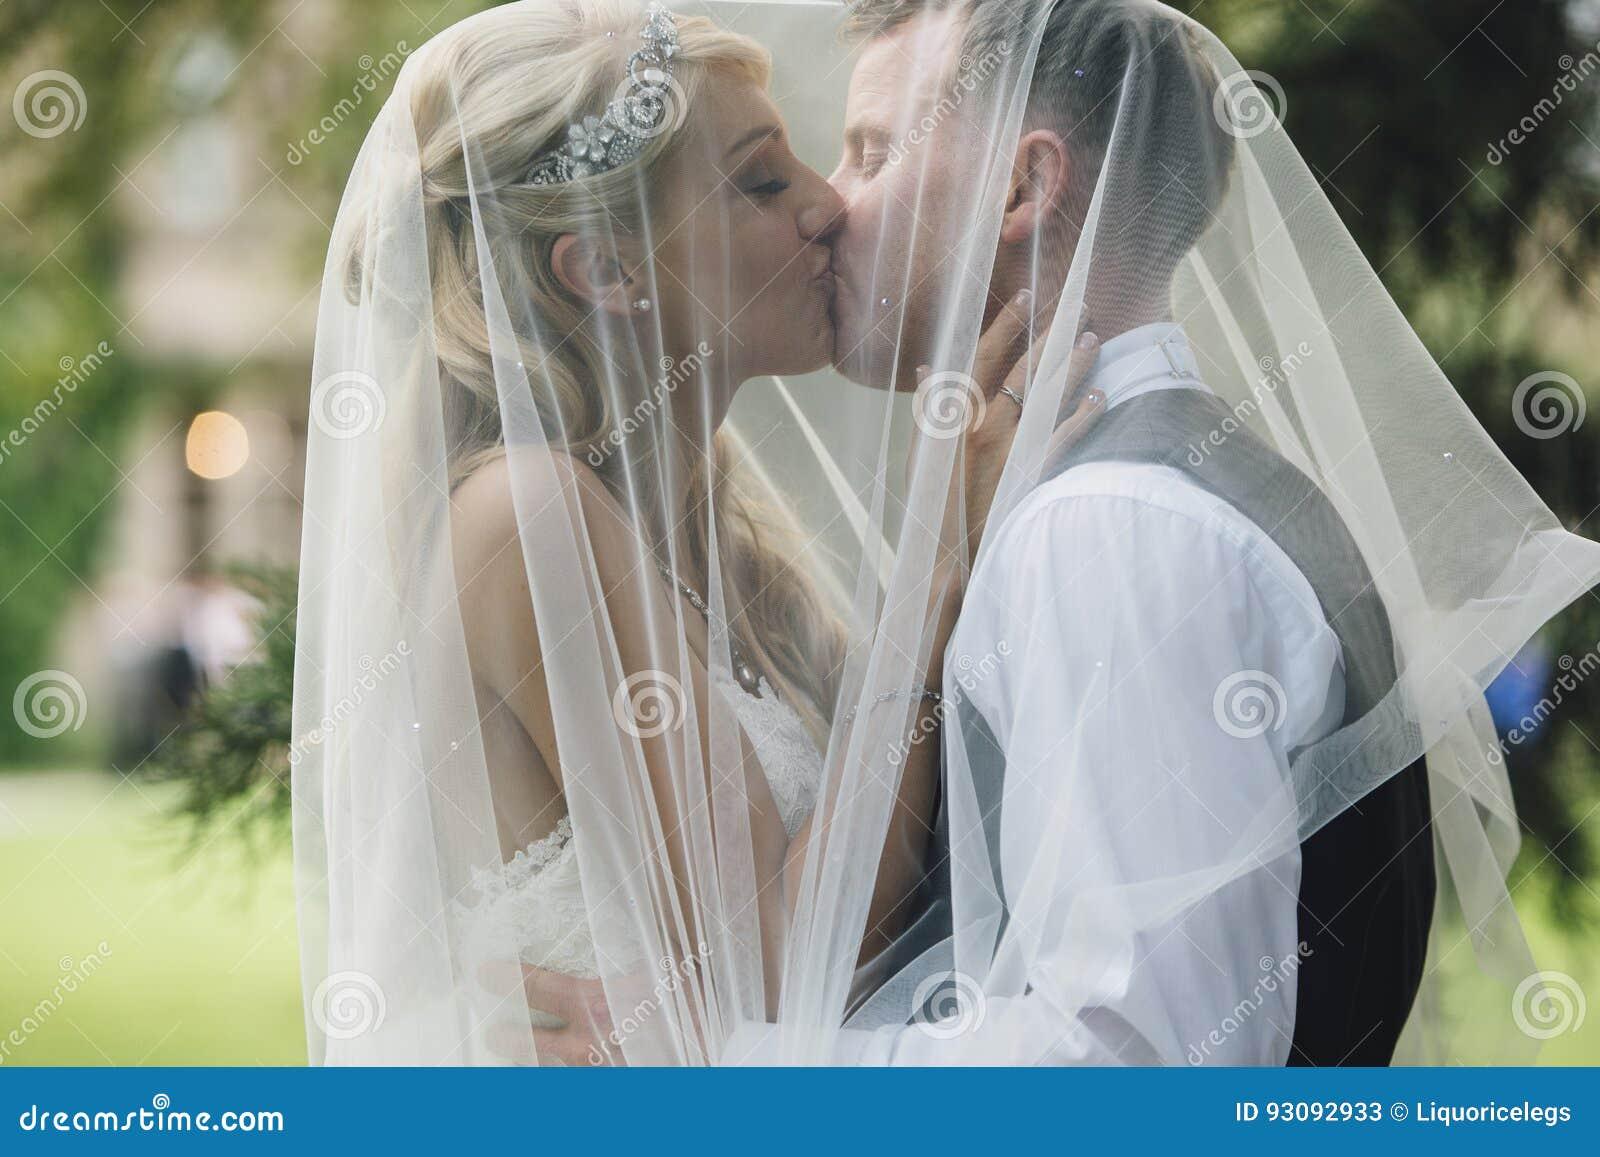 588939d0062 Casese nuevamente los pares están abrazando en un beso, debajo del velo de  las novias